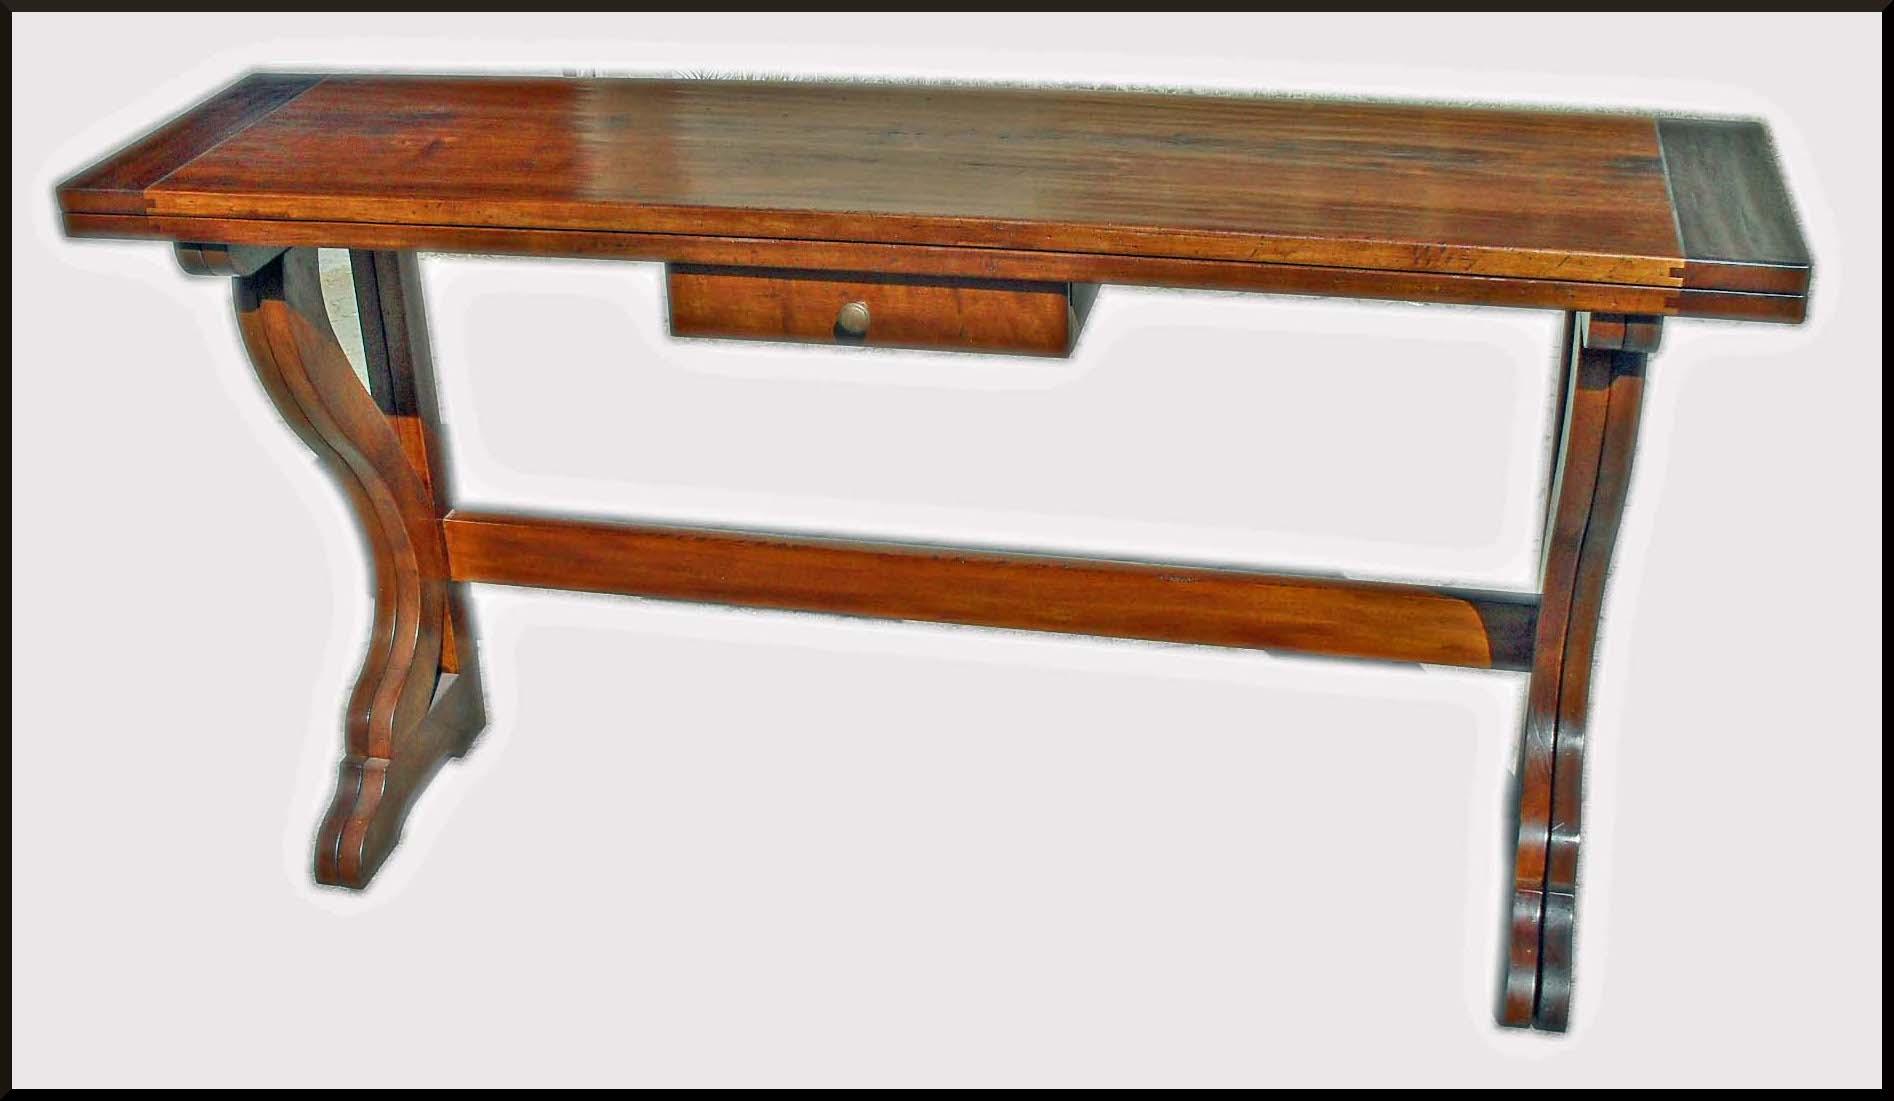 Tavolo fratino in legno antico apribile a consolle - La Commode di Davide Corno